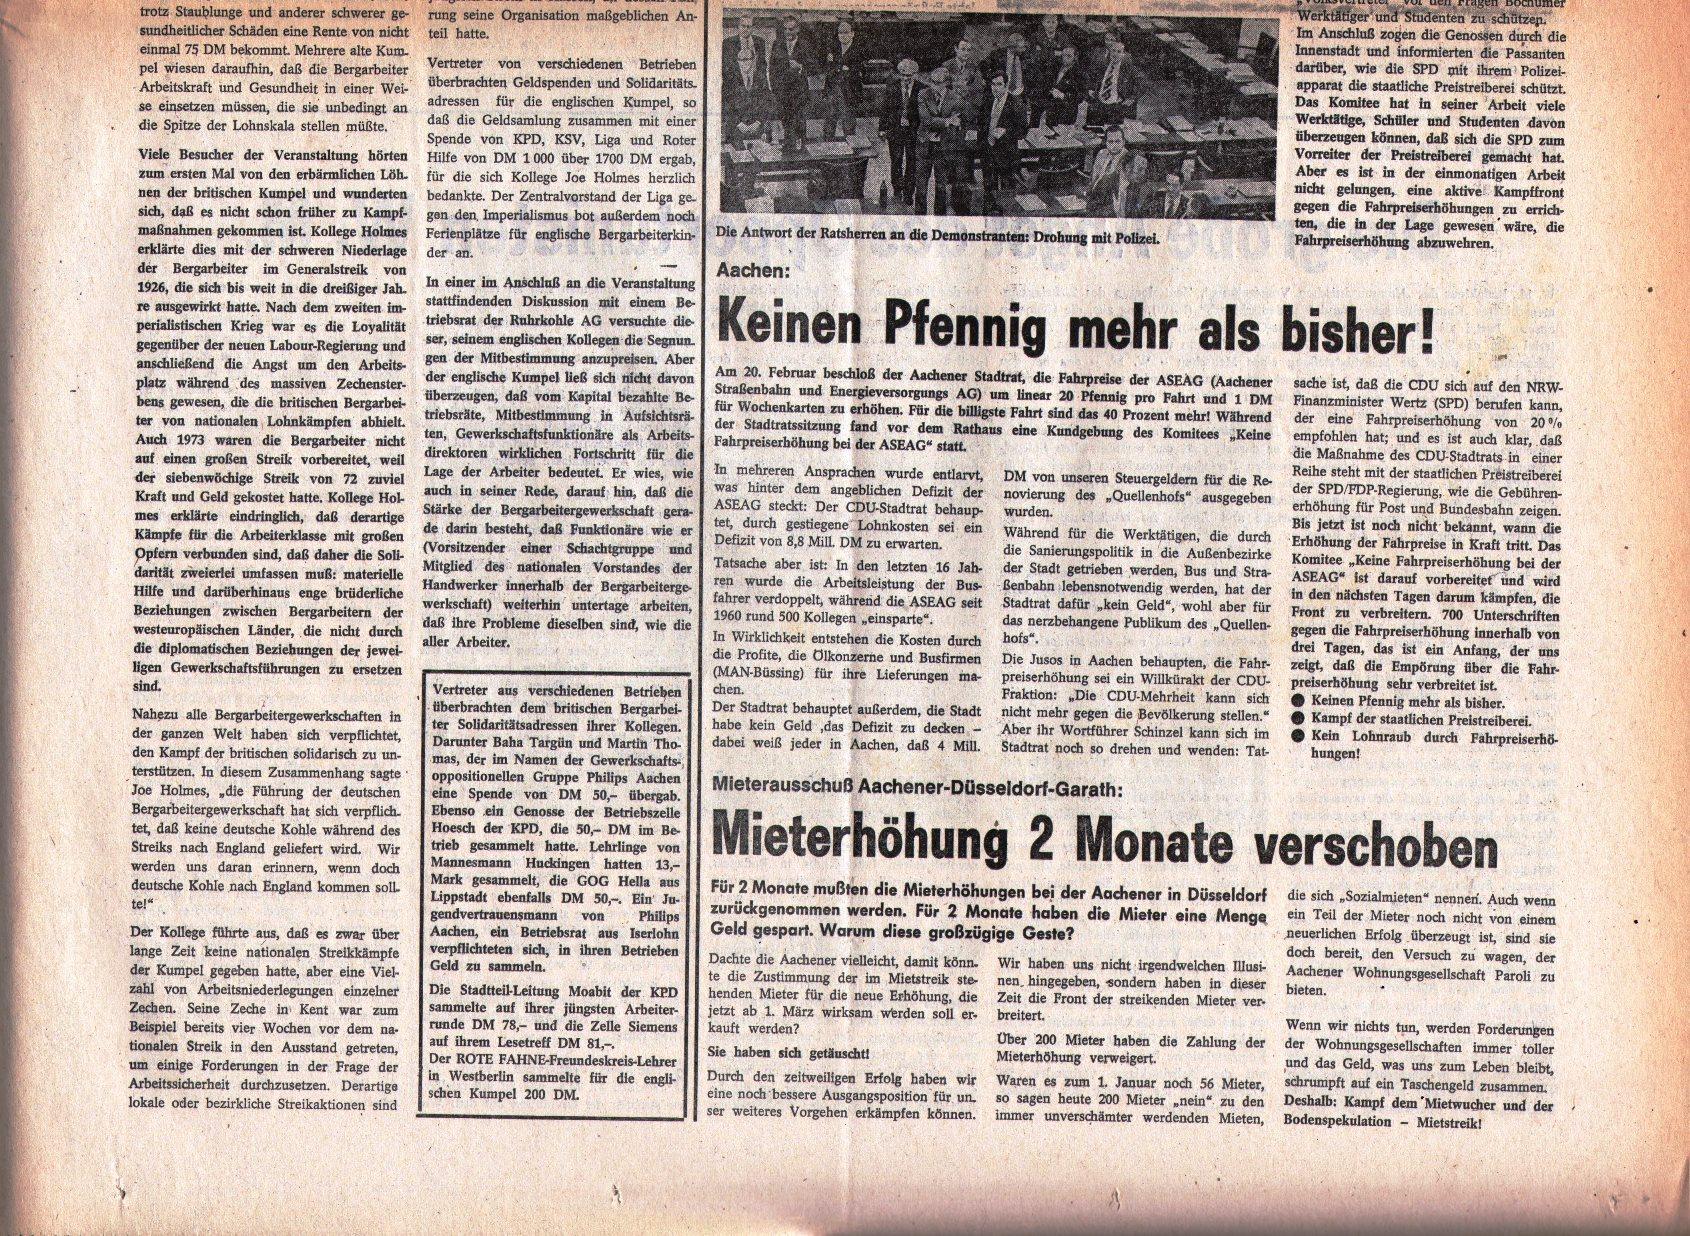 KPD_Rote_Fahne_1974_10_14